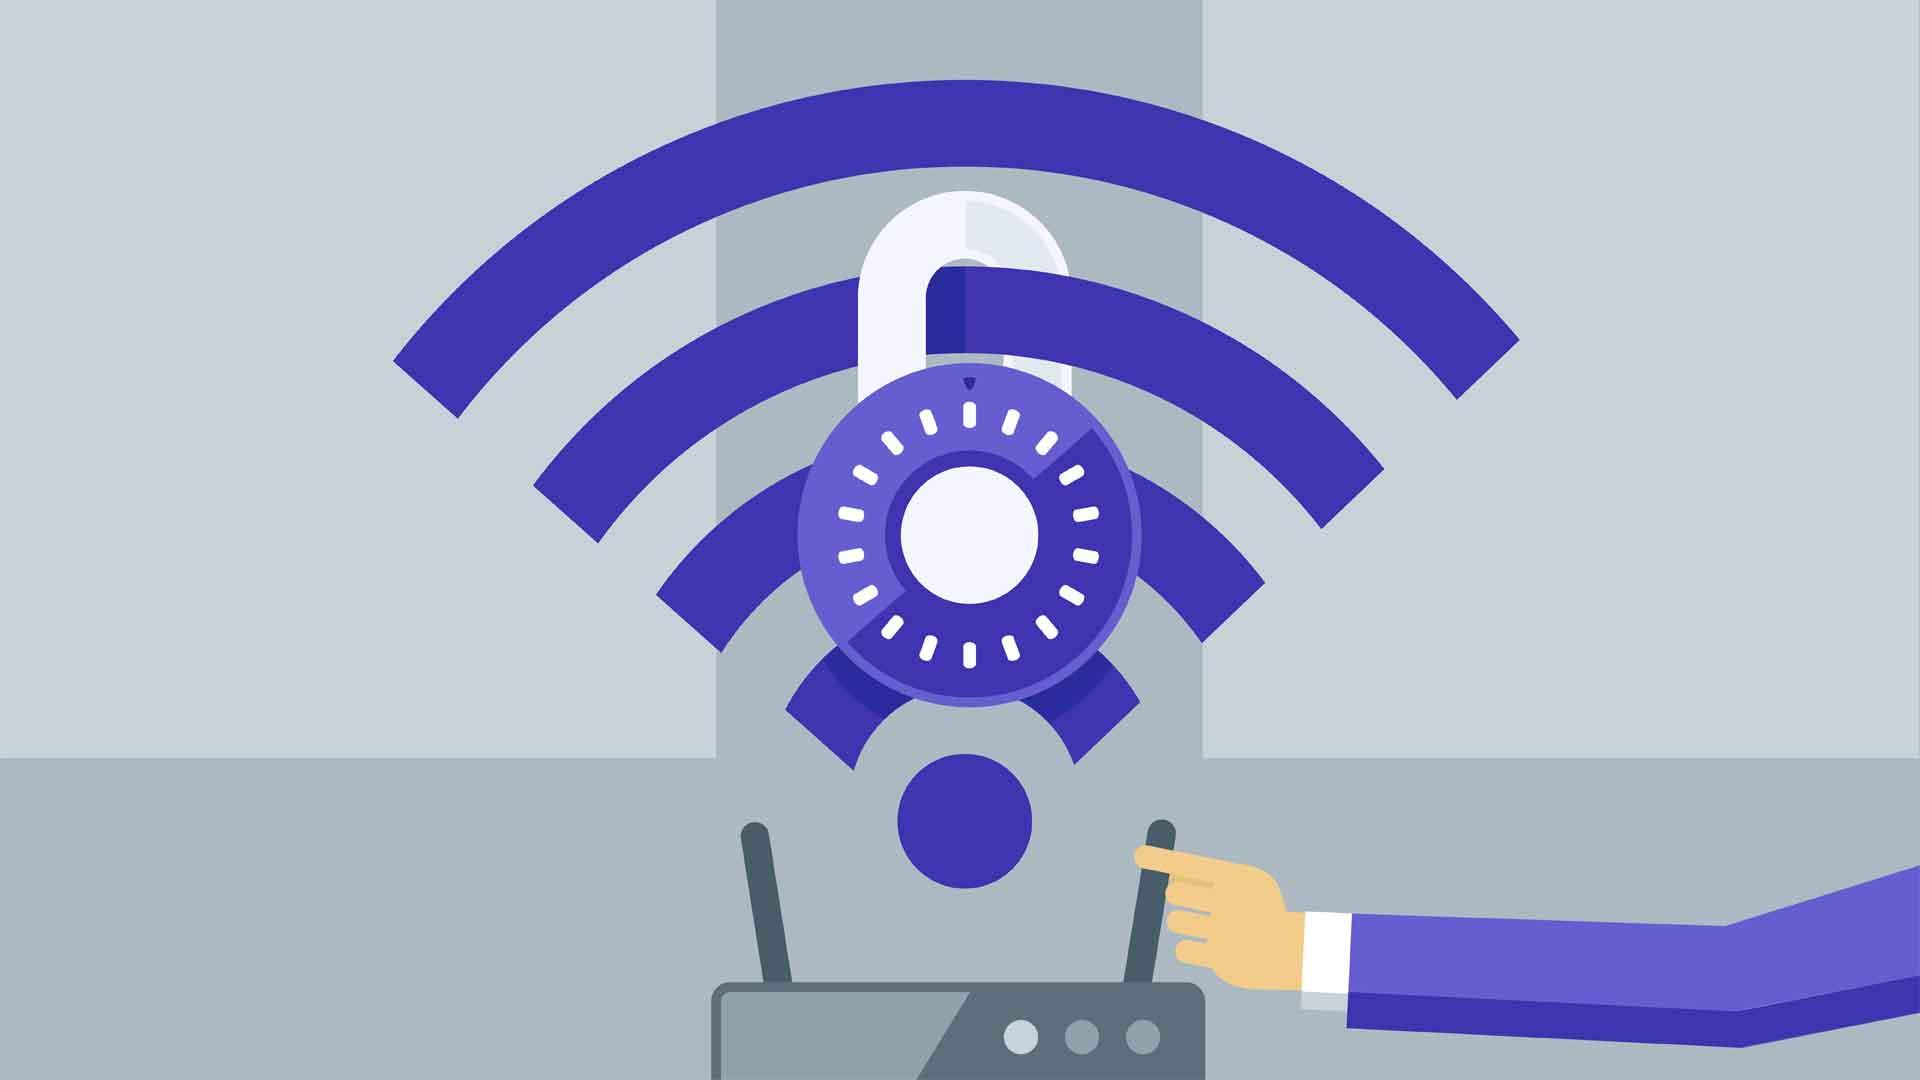 Wi-Fi segurtasun protokolo berria WPA3 eskuragarri dago!